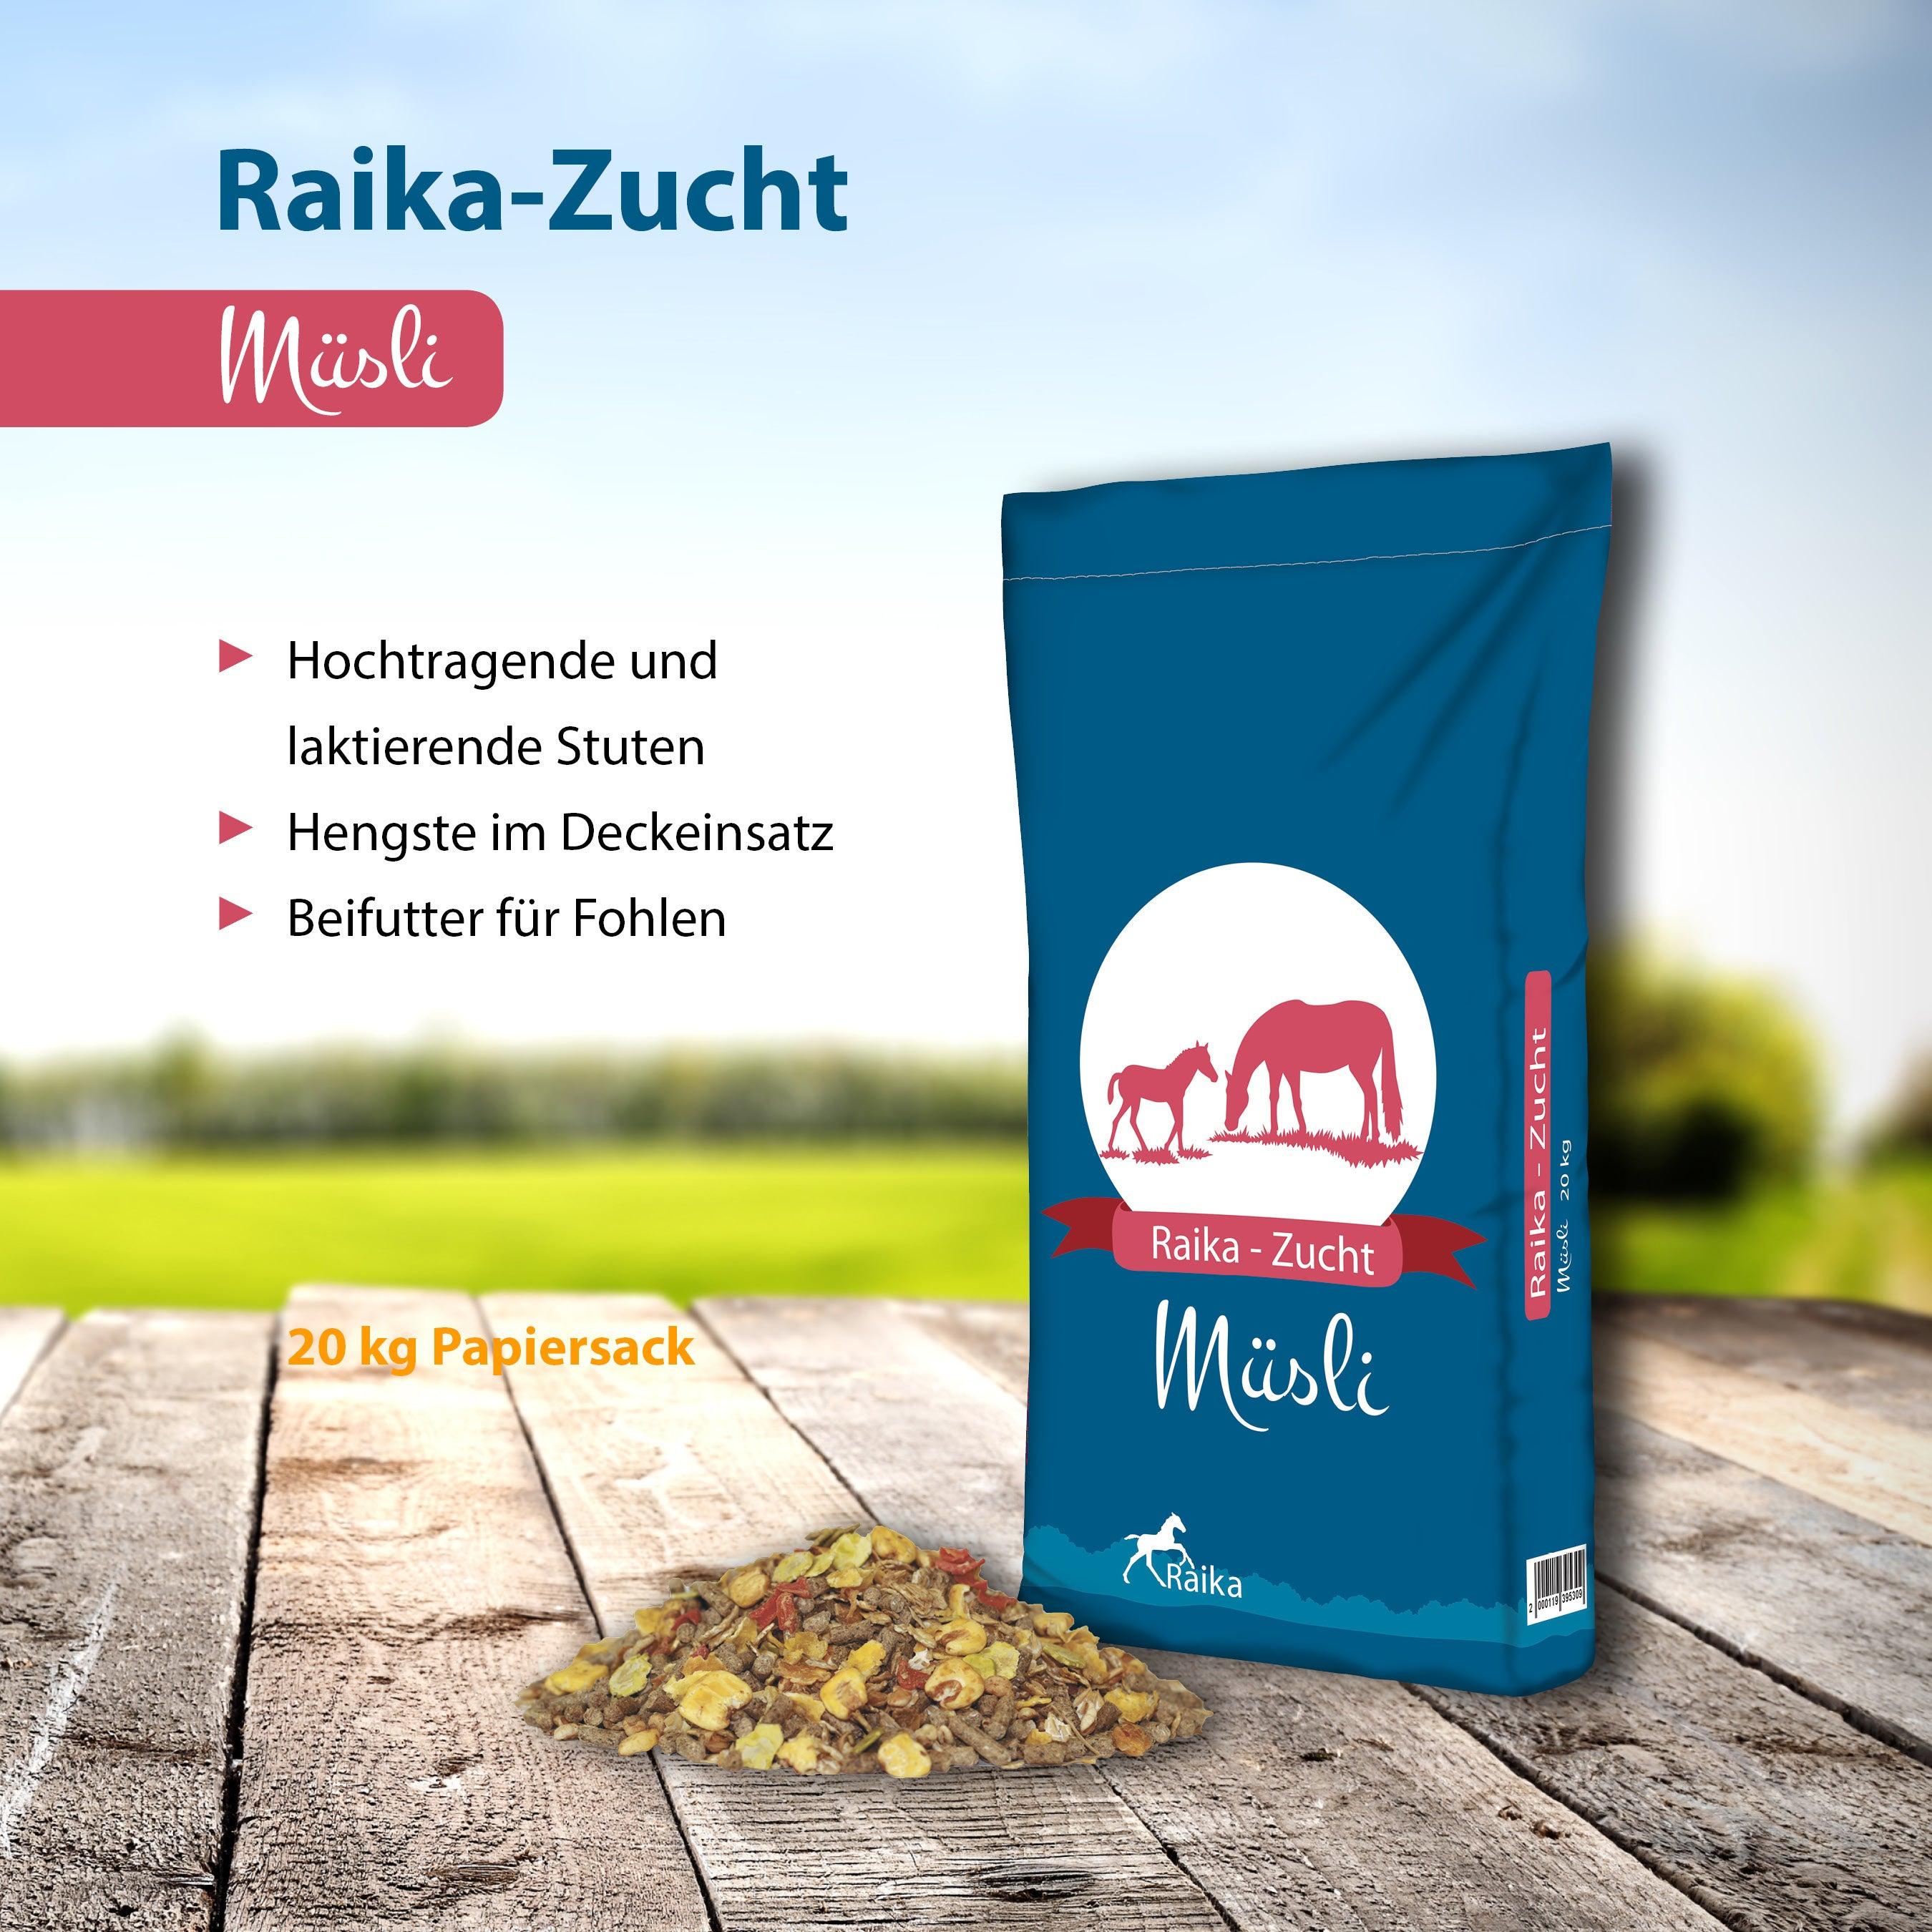 Raika-Zucht Müsli Pferdefutter